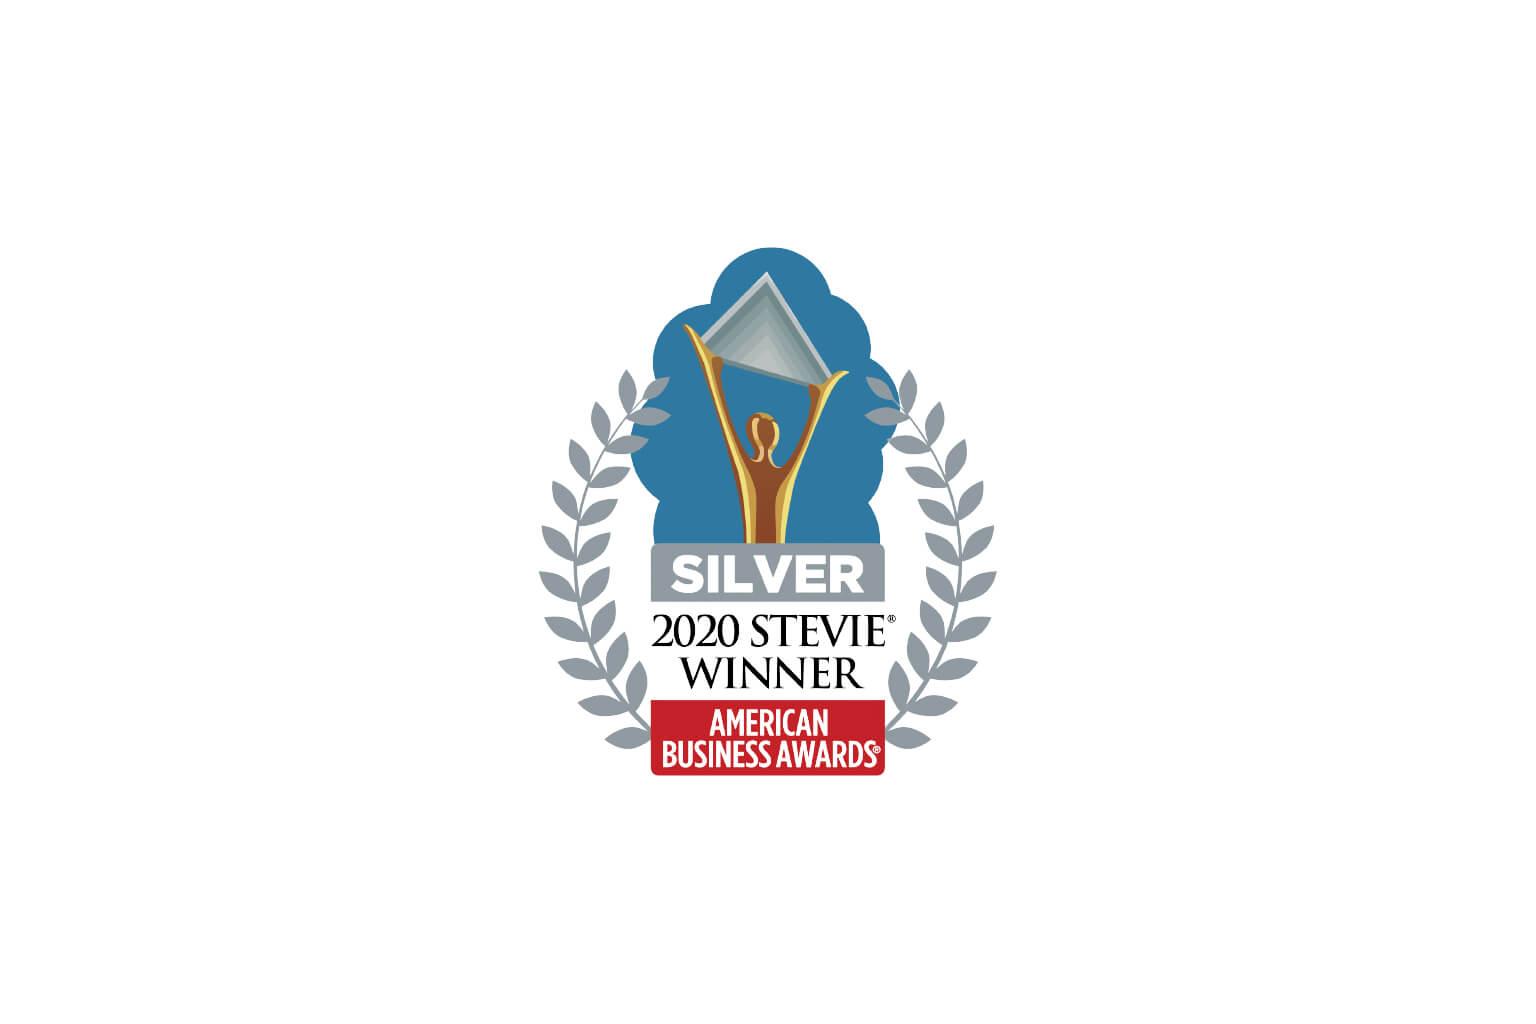 stevie-silver-2020